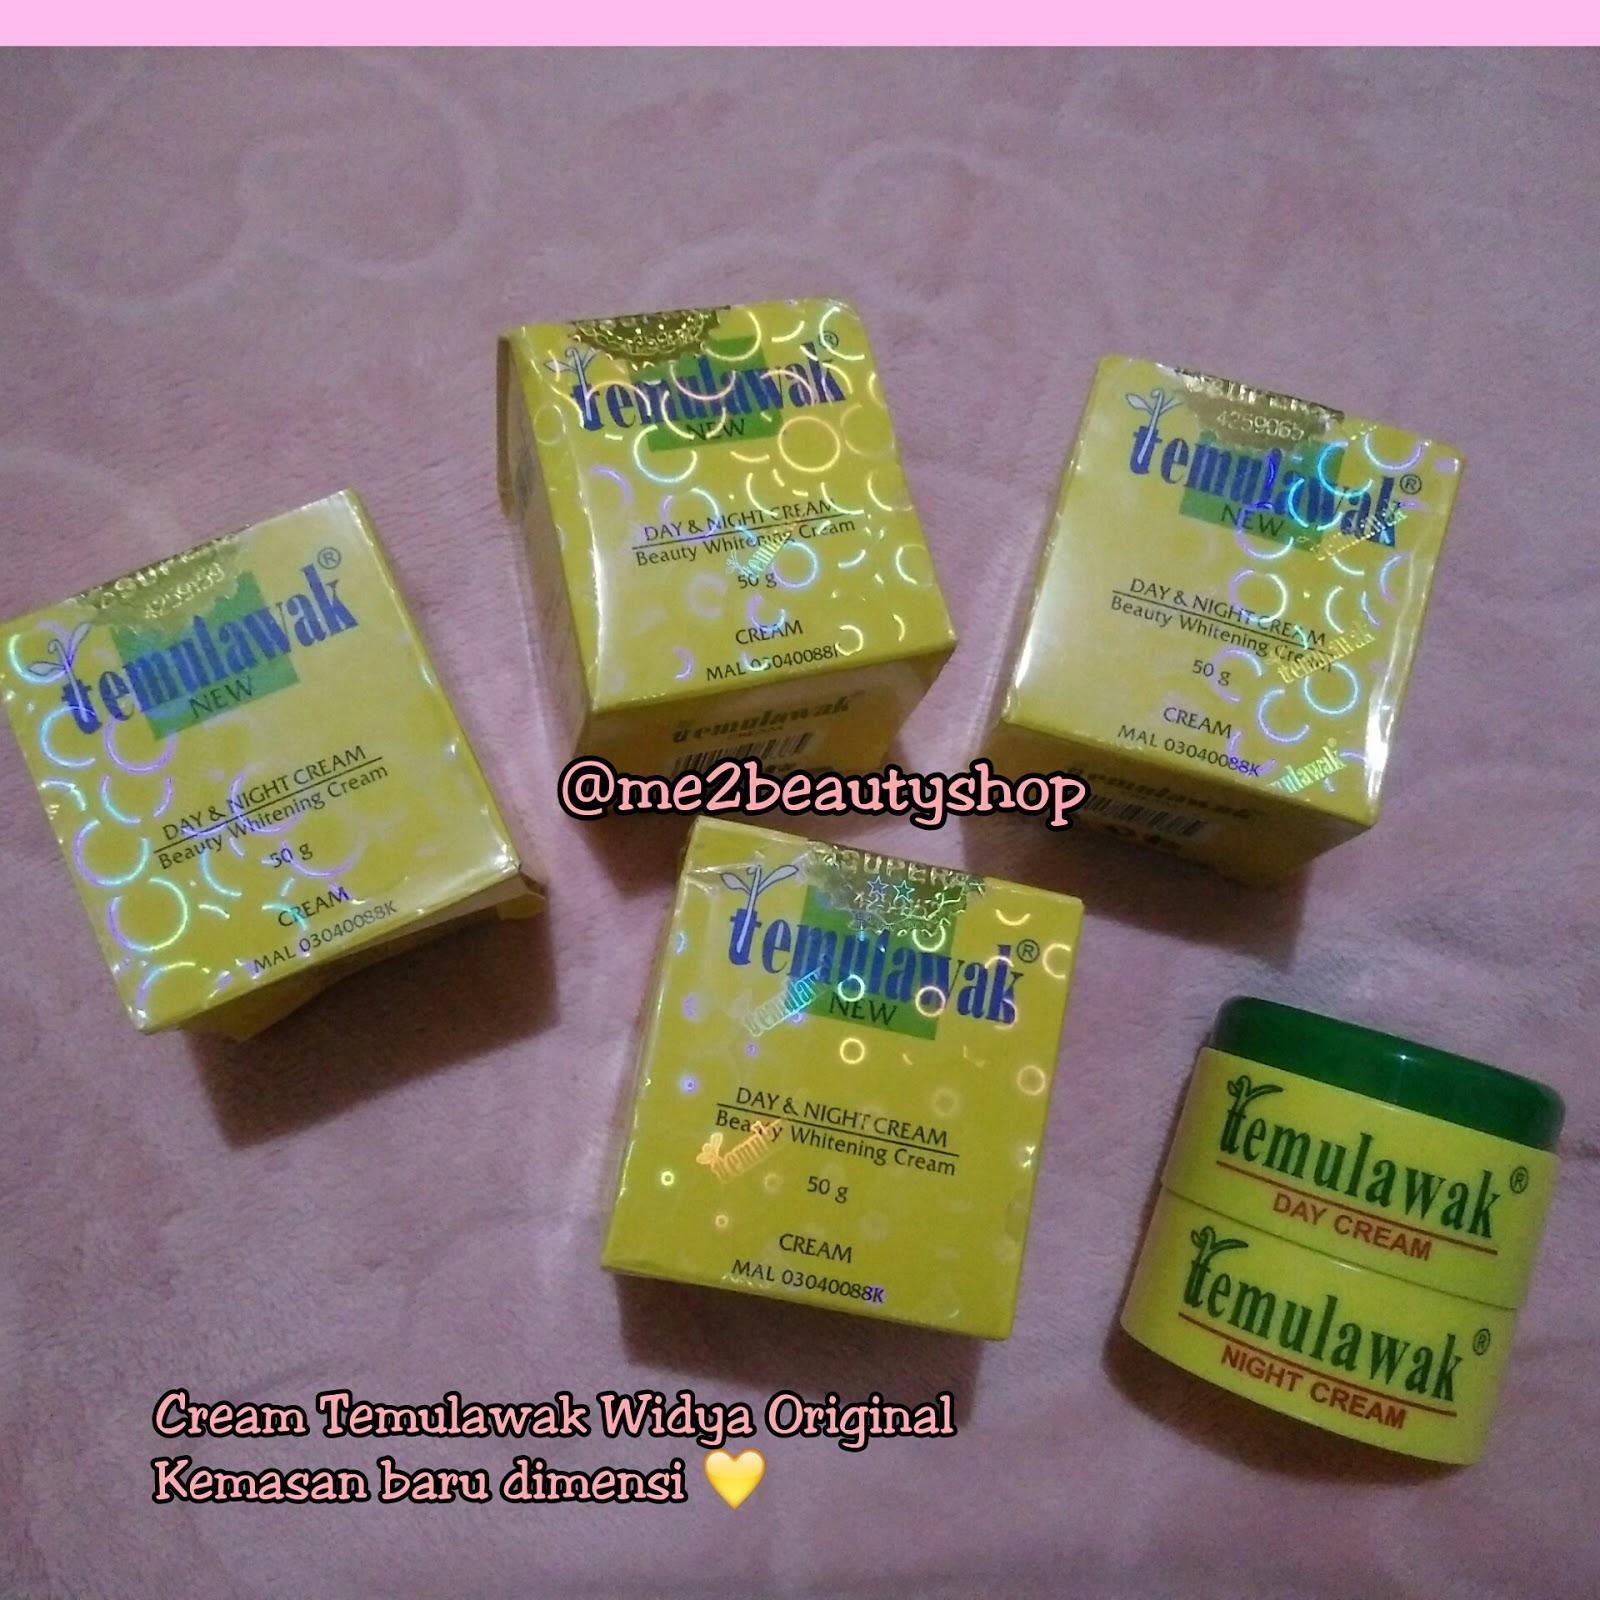 Meme Beauty Shop Banjarmasin Cream Temulawak Kuning Original Bedak